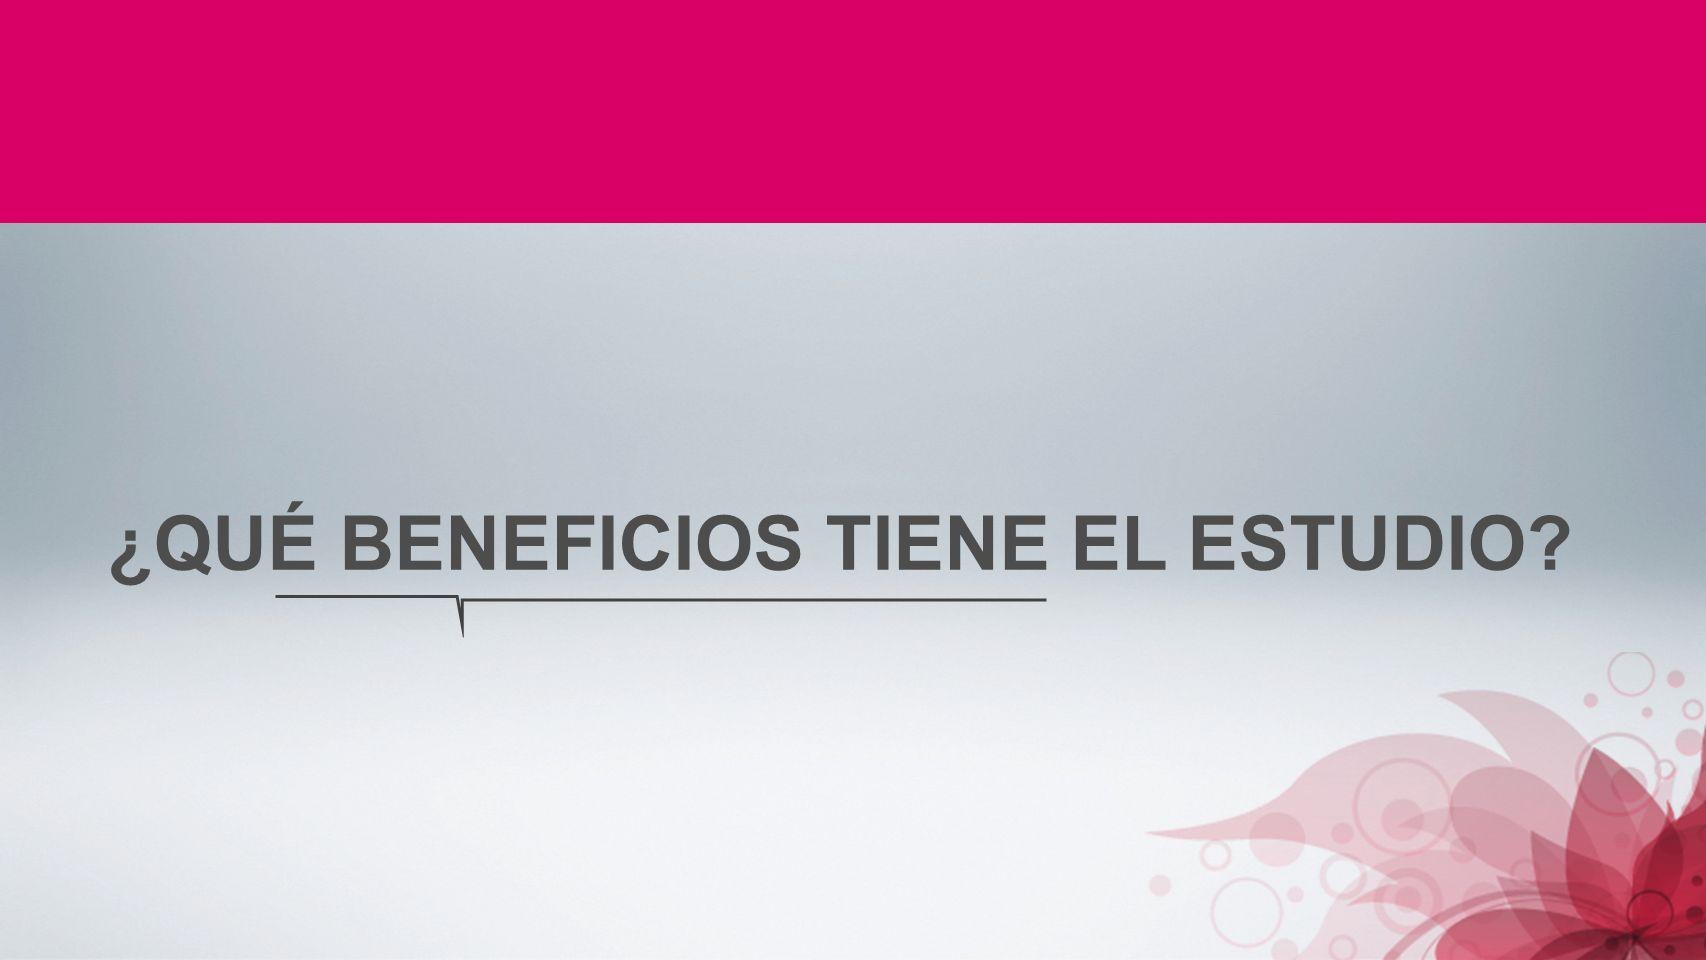 ¿QUÉ BENEFICIOS TIENE EL ESTUDIO